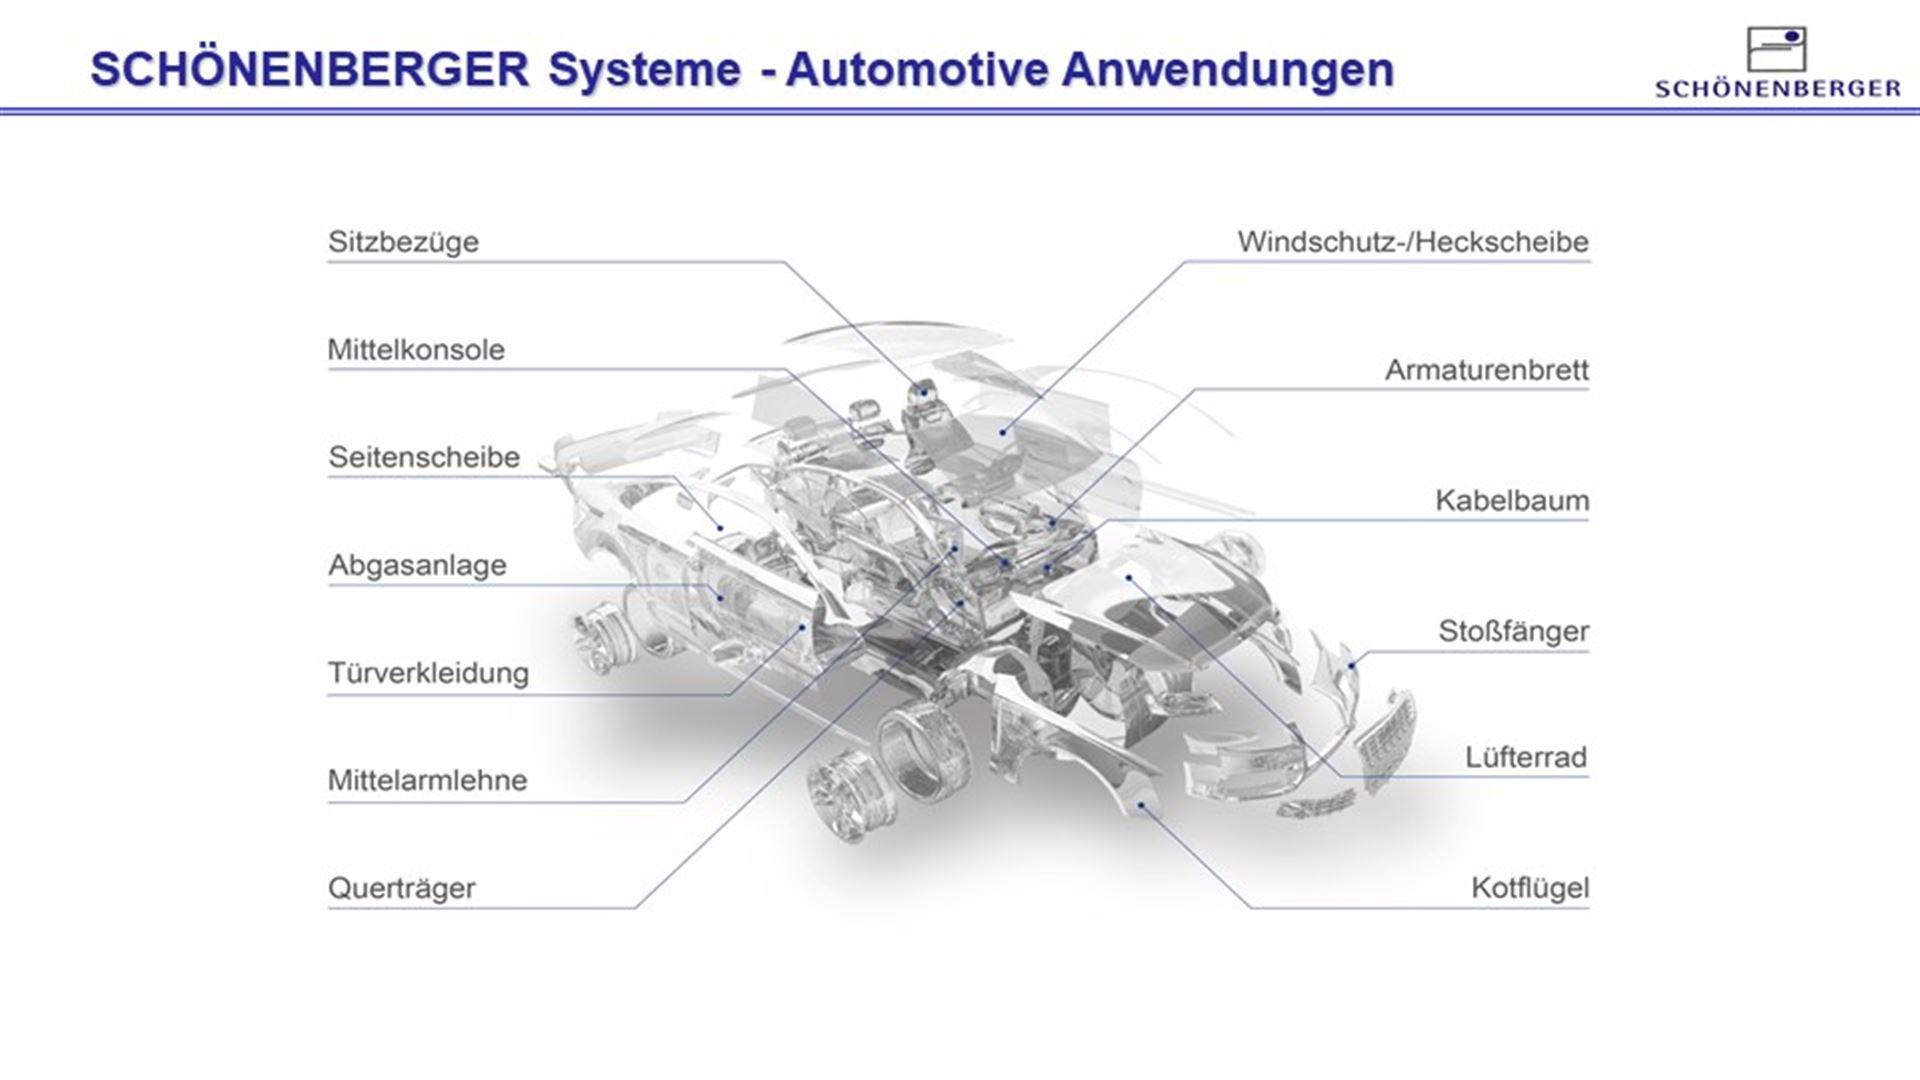 Nutzen Sie unsere Erfahrung im Teiletransport in der Automotive Industrie